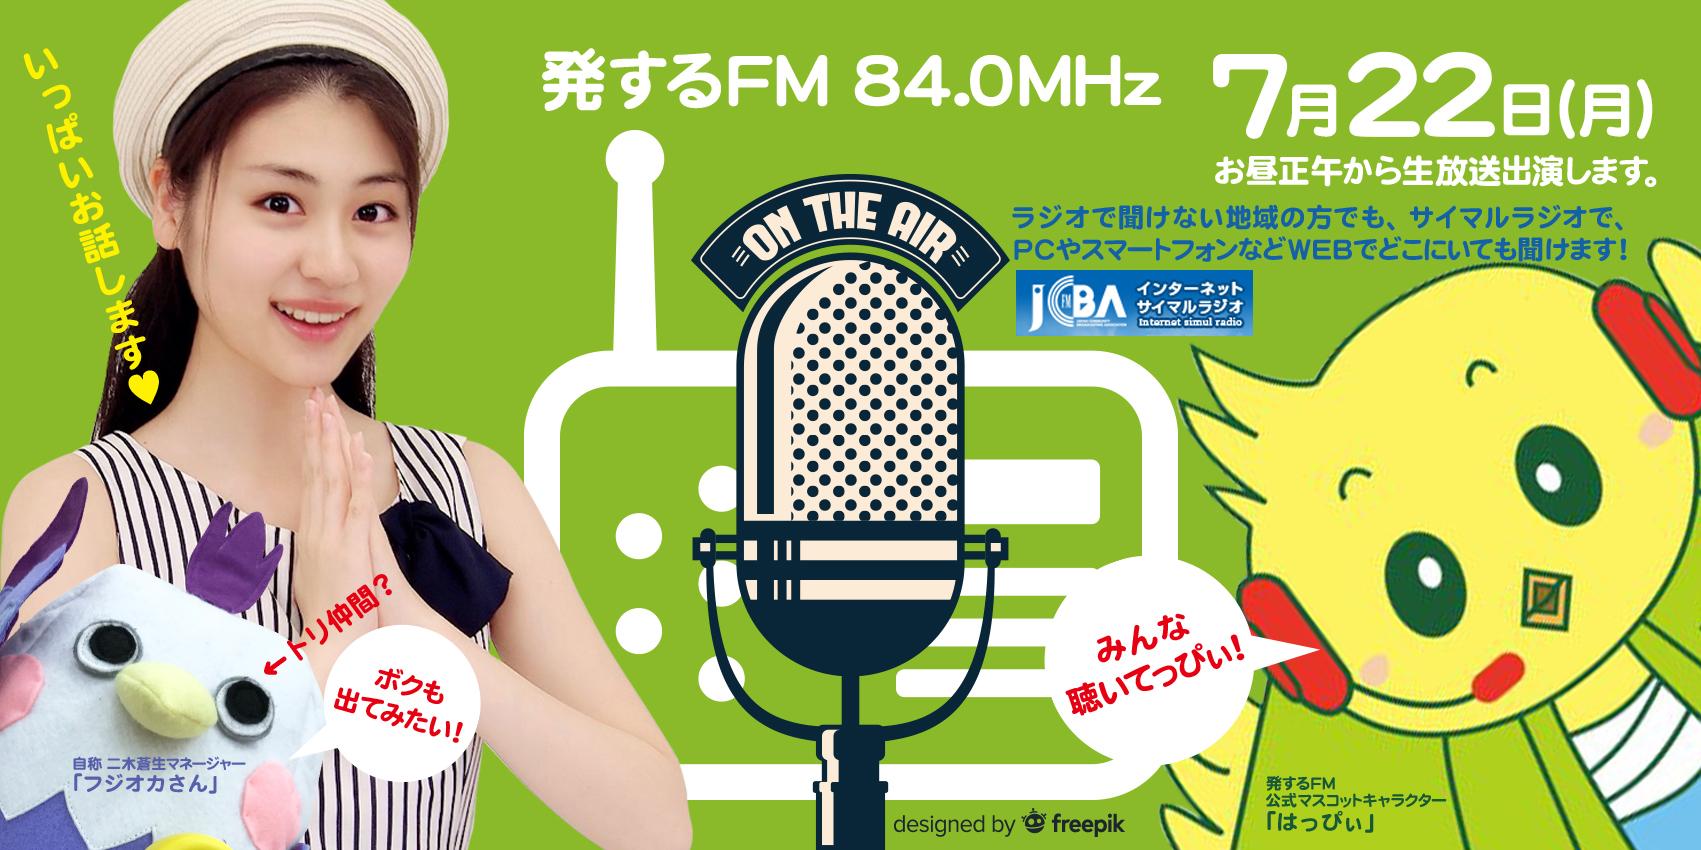 7/22(月)発するFM生放送突撃出演!